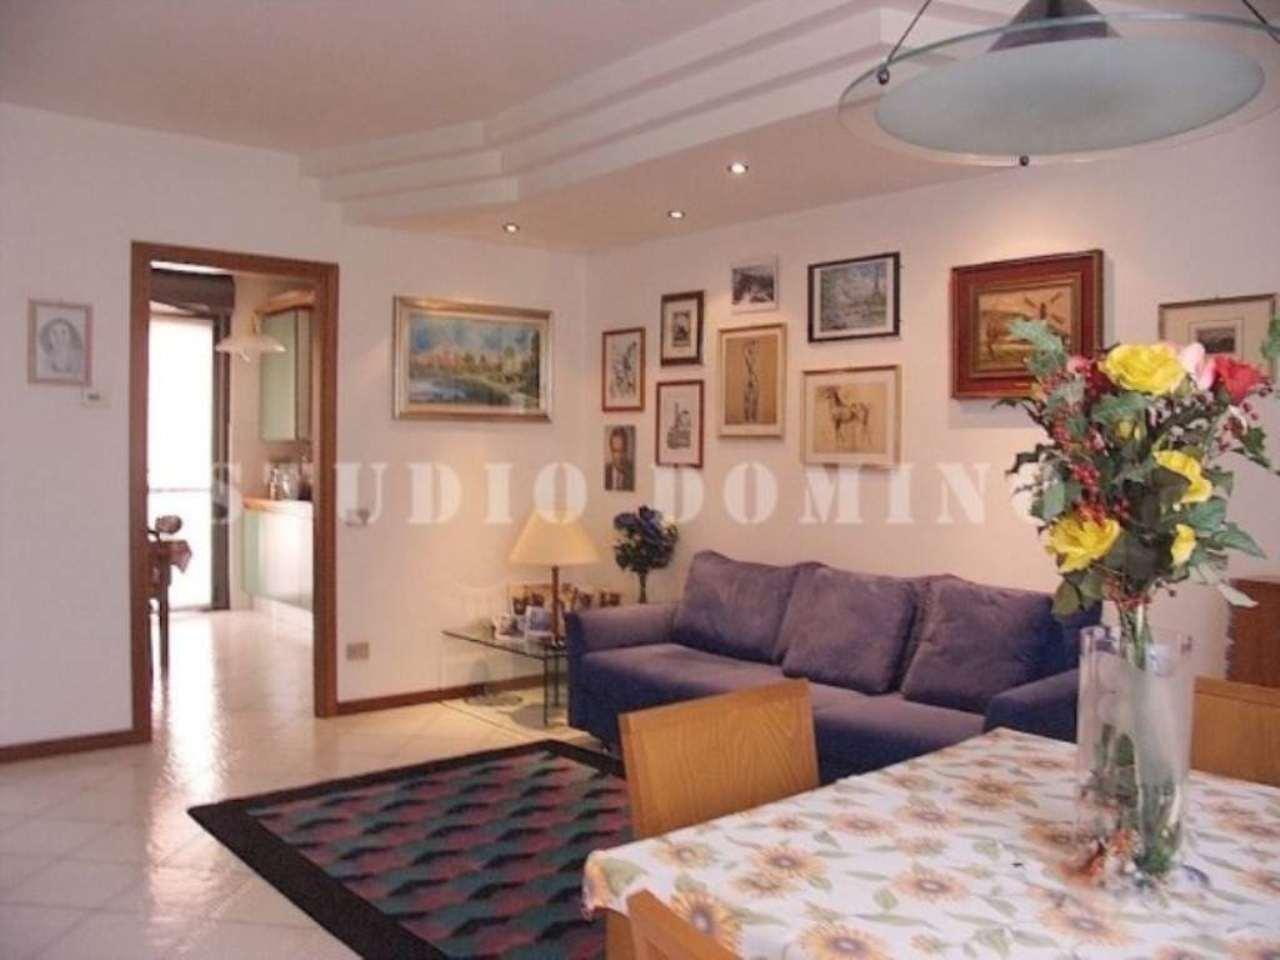 Appartamento in vendita a Cassano d'Adda, 3 locali, prezzo € 148.000 | CambioCasa.it